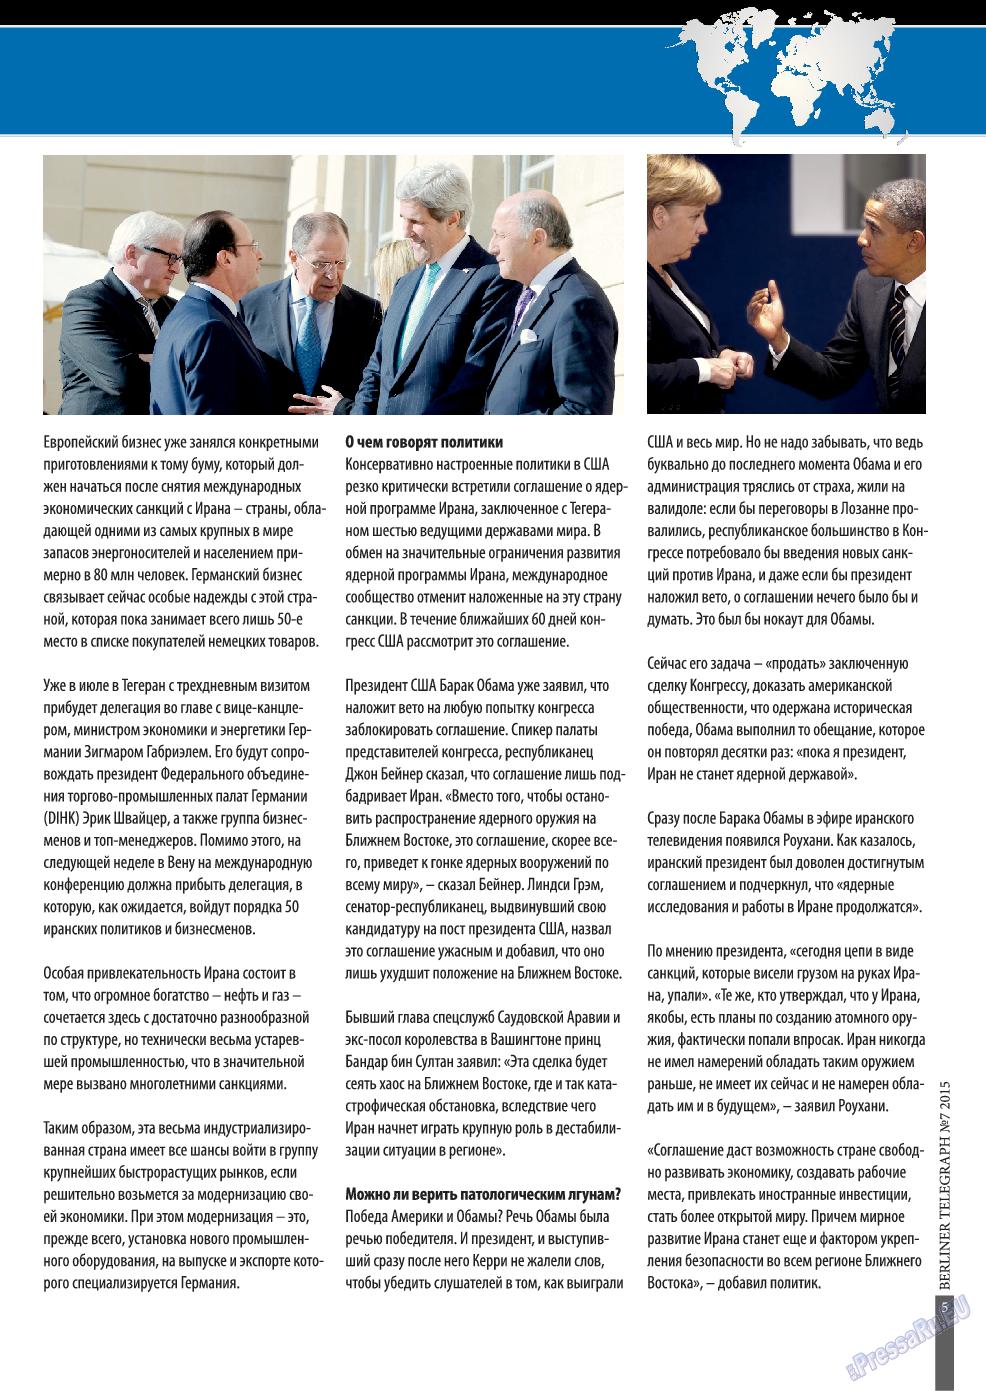 Берлинский телеграф (журнал). 2015 год, номер 8, стр. 5